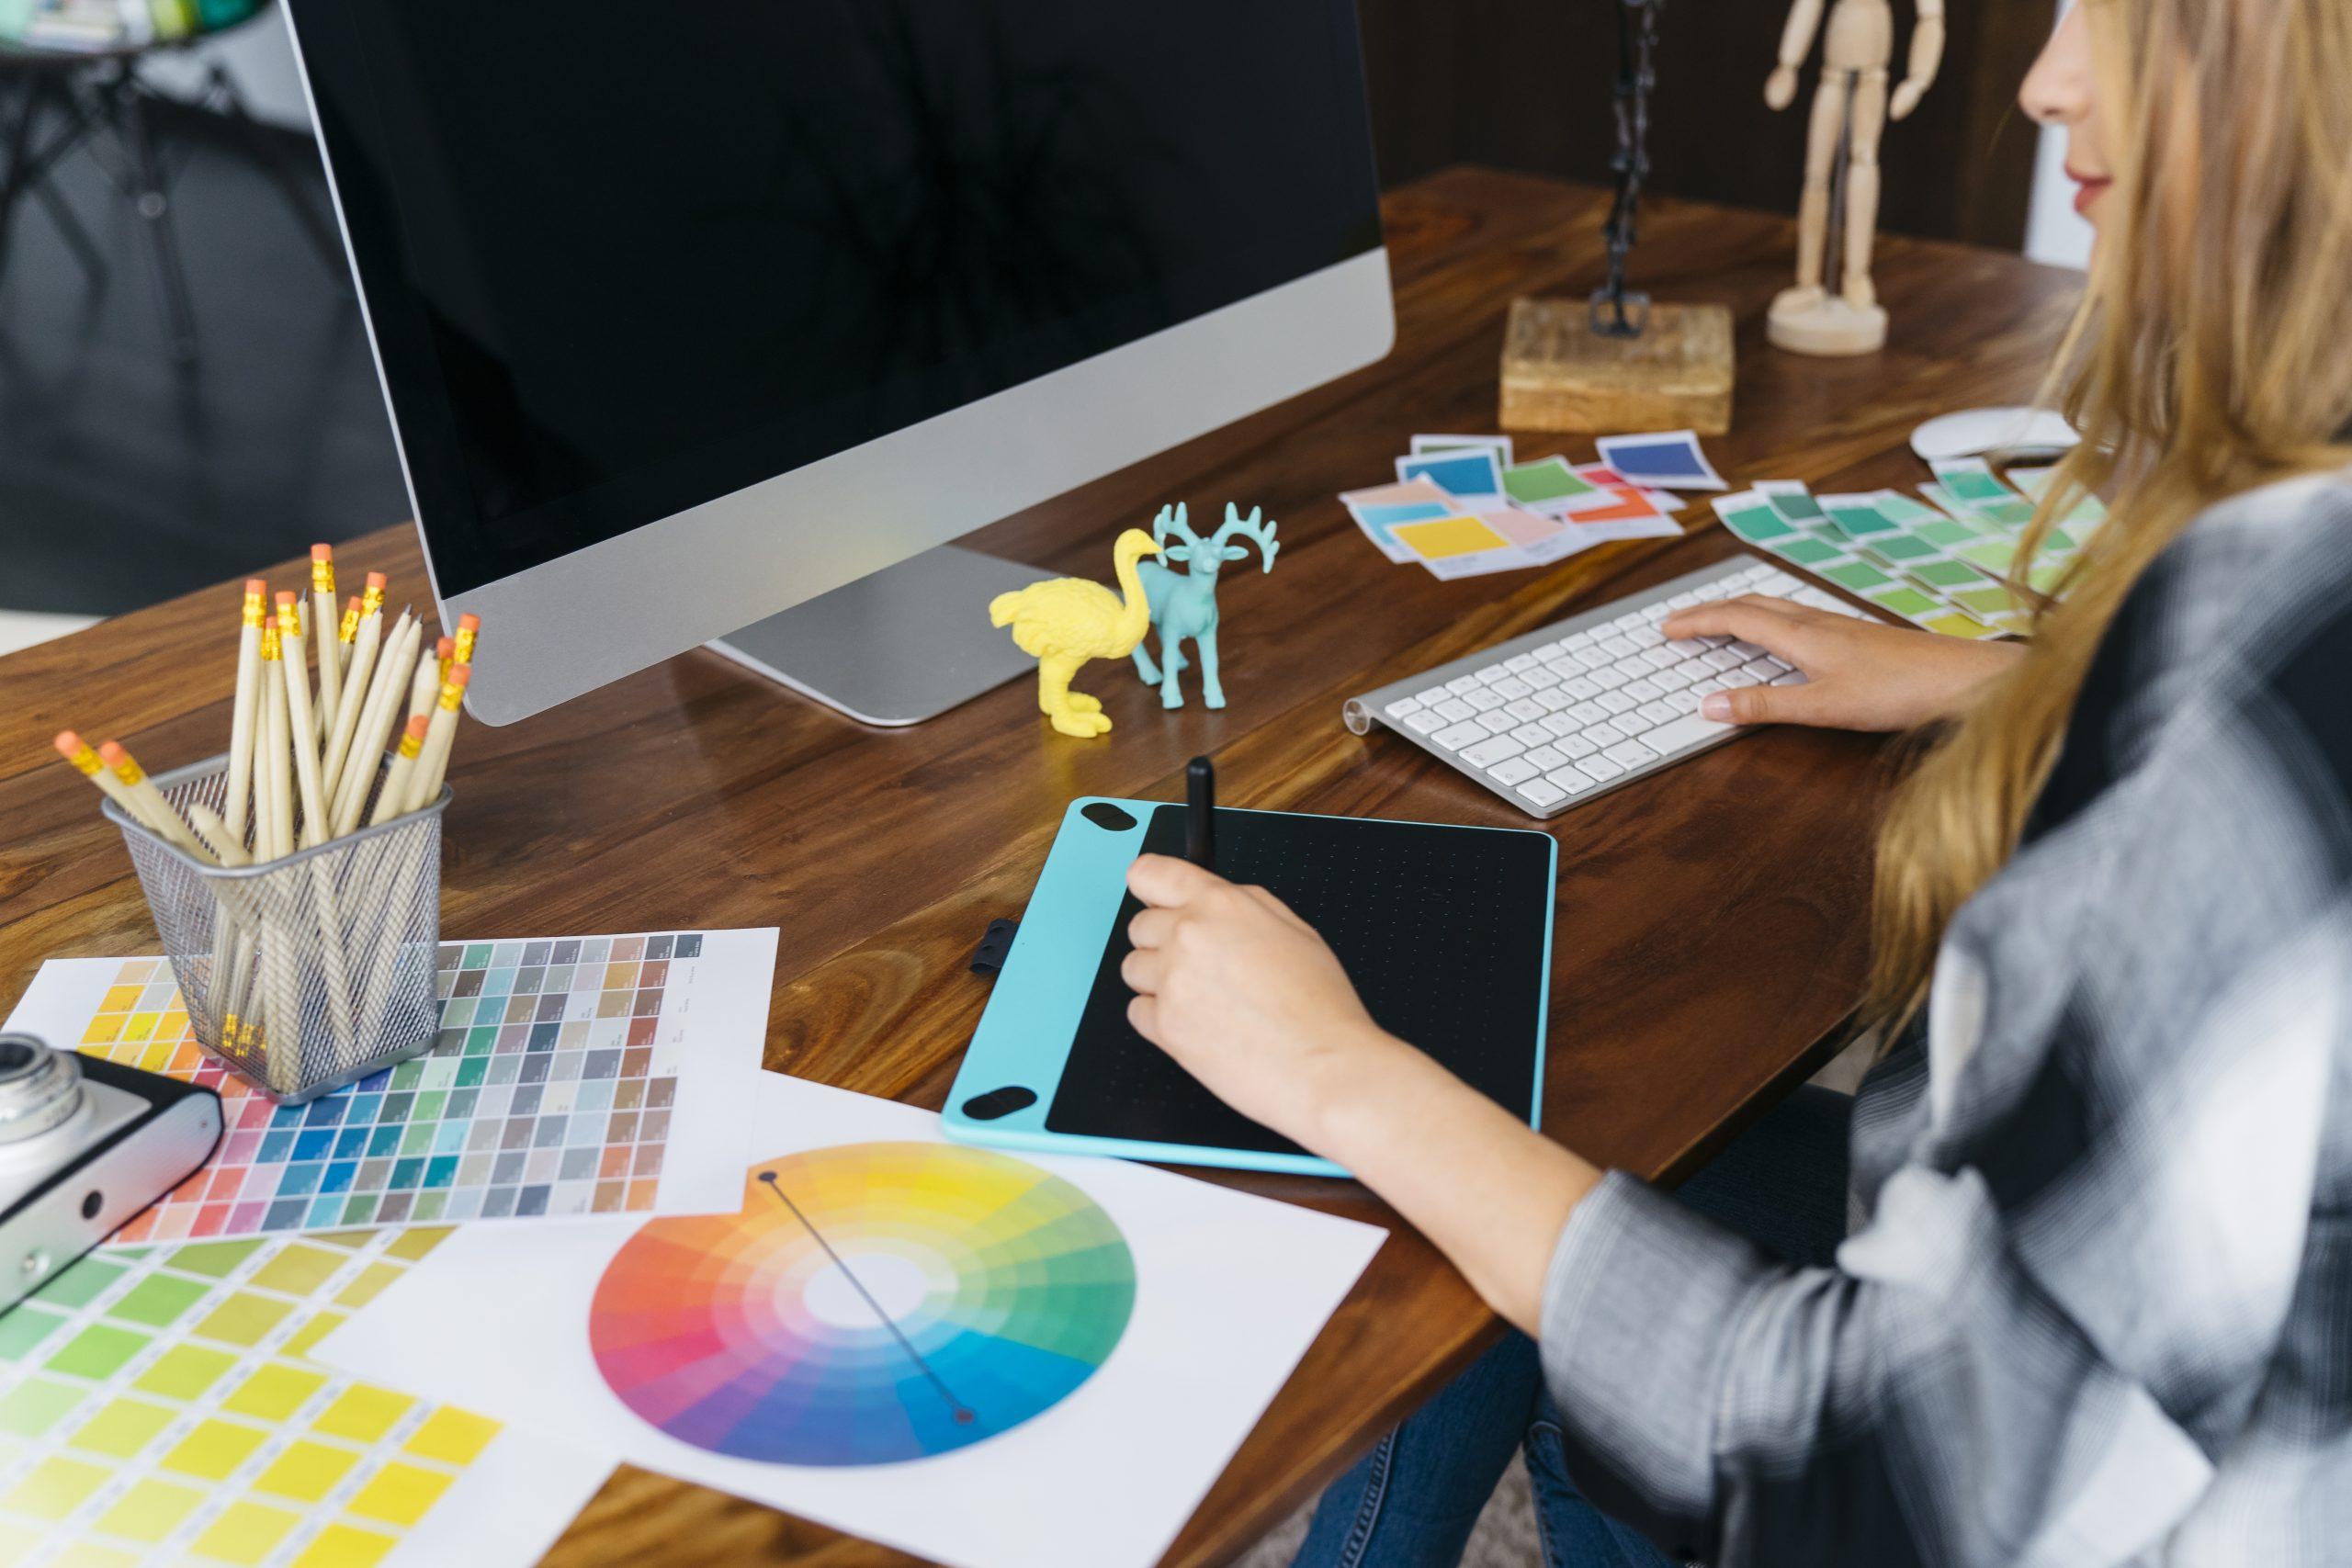 Inilah Pengertian dari Desain Grafis dan Animasi!